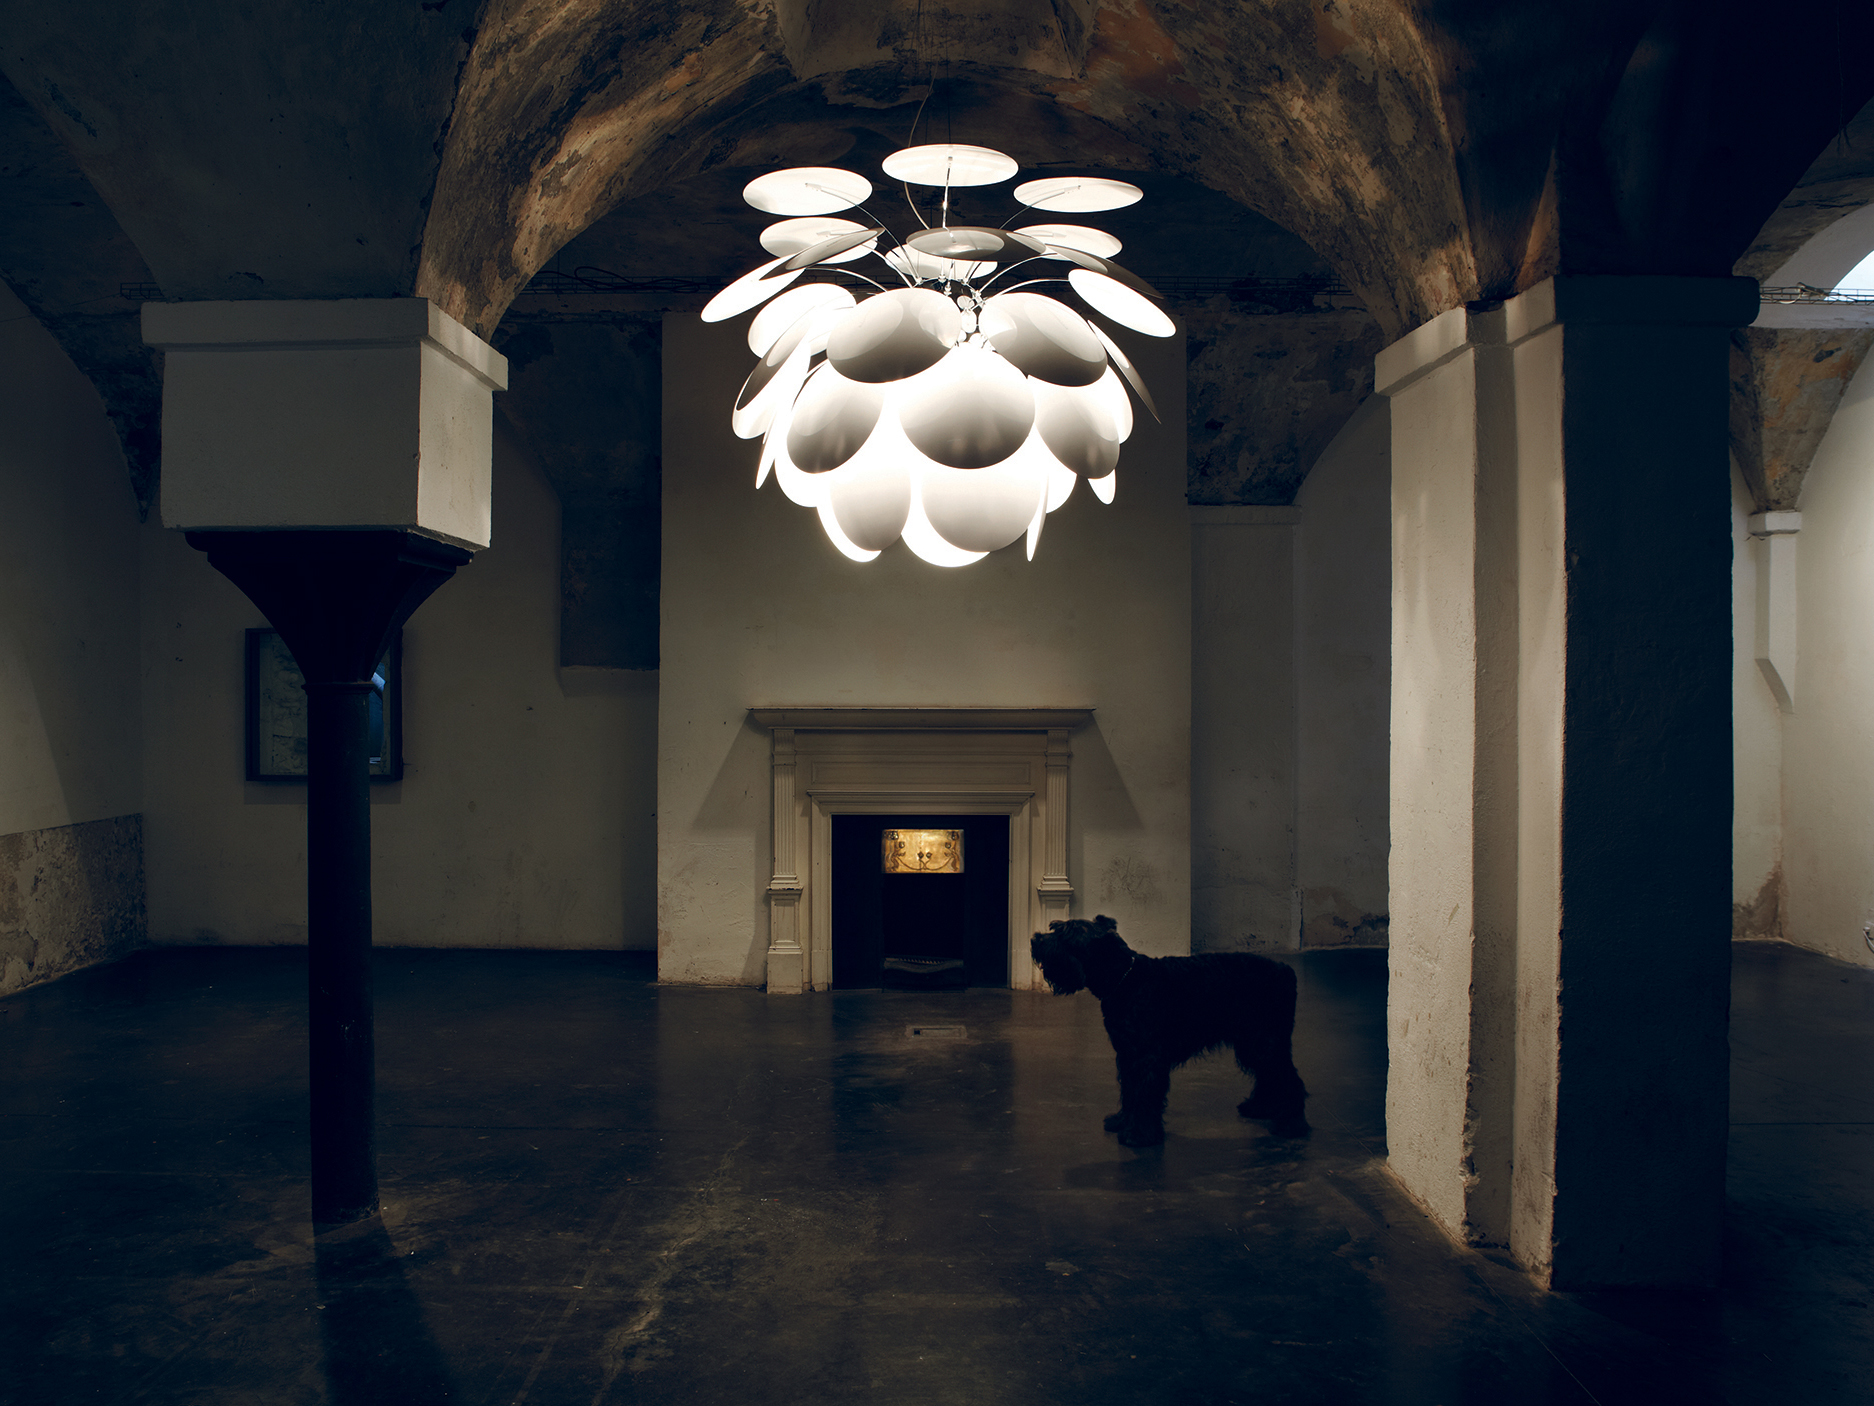 Leuchten - Lampen sind weit mehr als nur Lichtquelle. Sie strukturieren Räume, erzeugen unterschiedliche Atmosphären und geben einem Interieur Charakter. Entsprechend vielfältig ist daher unser Sortiment.